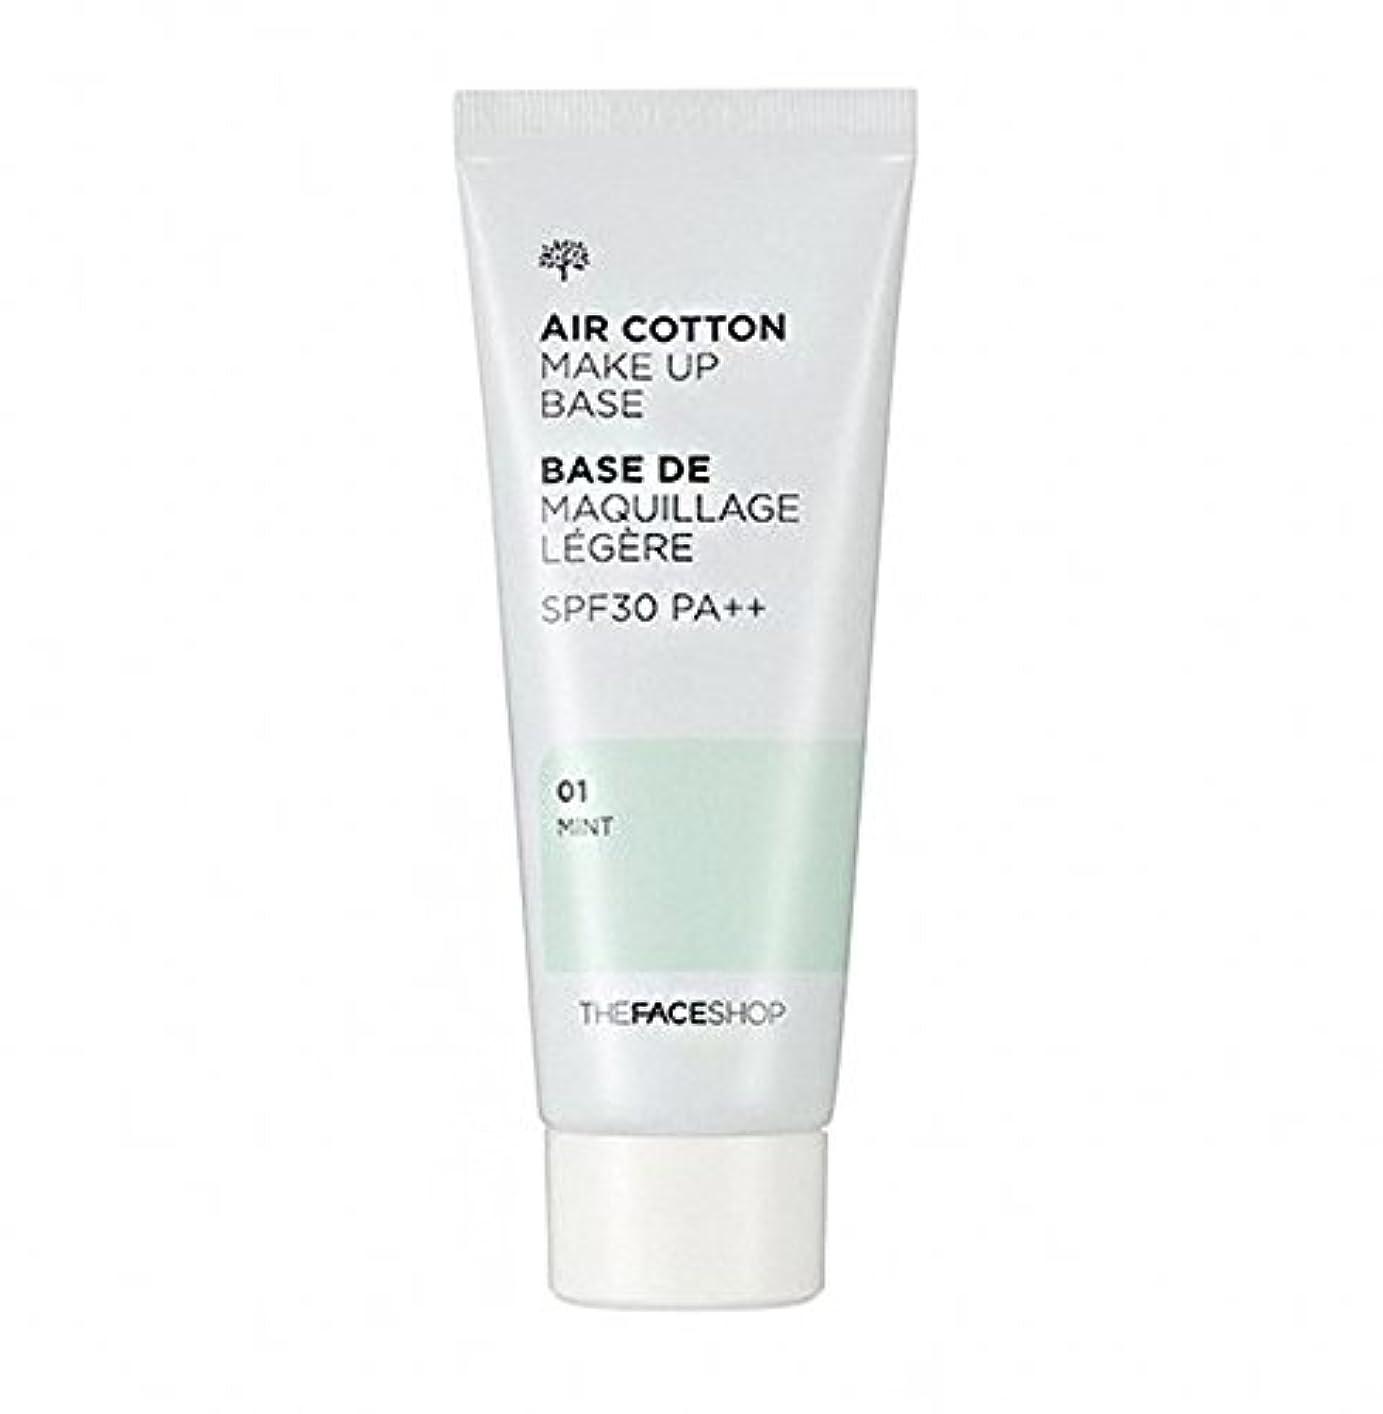 牛電子従順ザ·フェイスショップ The Face Shop エアコットン メーキャップ ベース 40ml(01 ミント) The Face Shop air Cotton Makeup Base 40ml(01 Mint) [海外直送品]